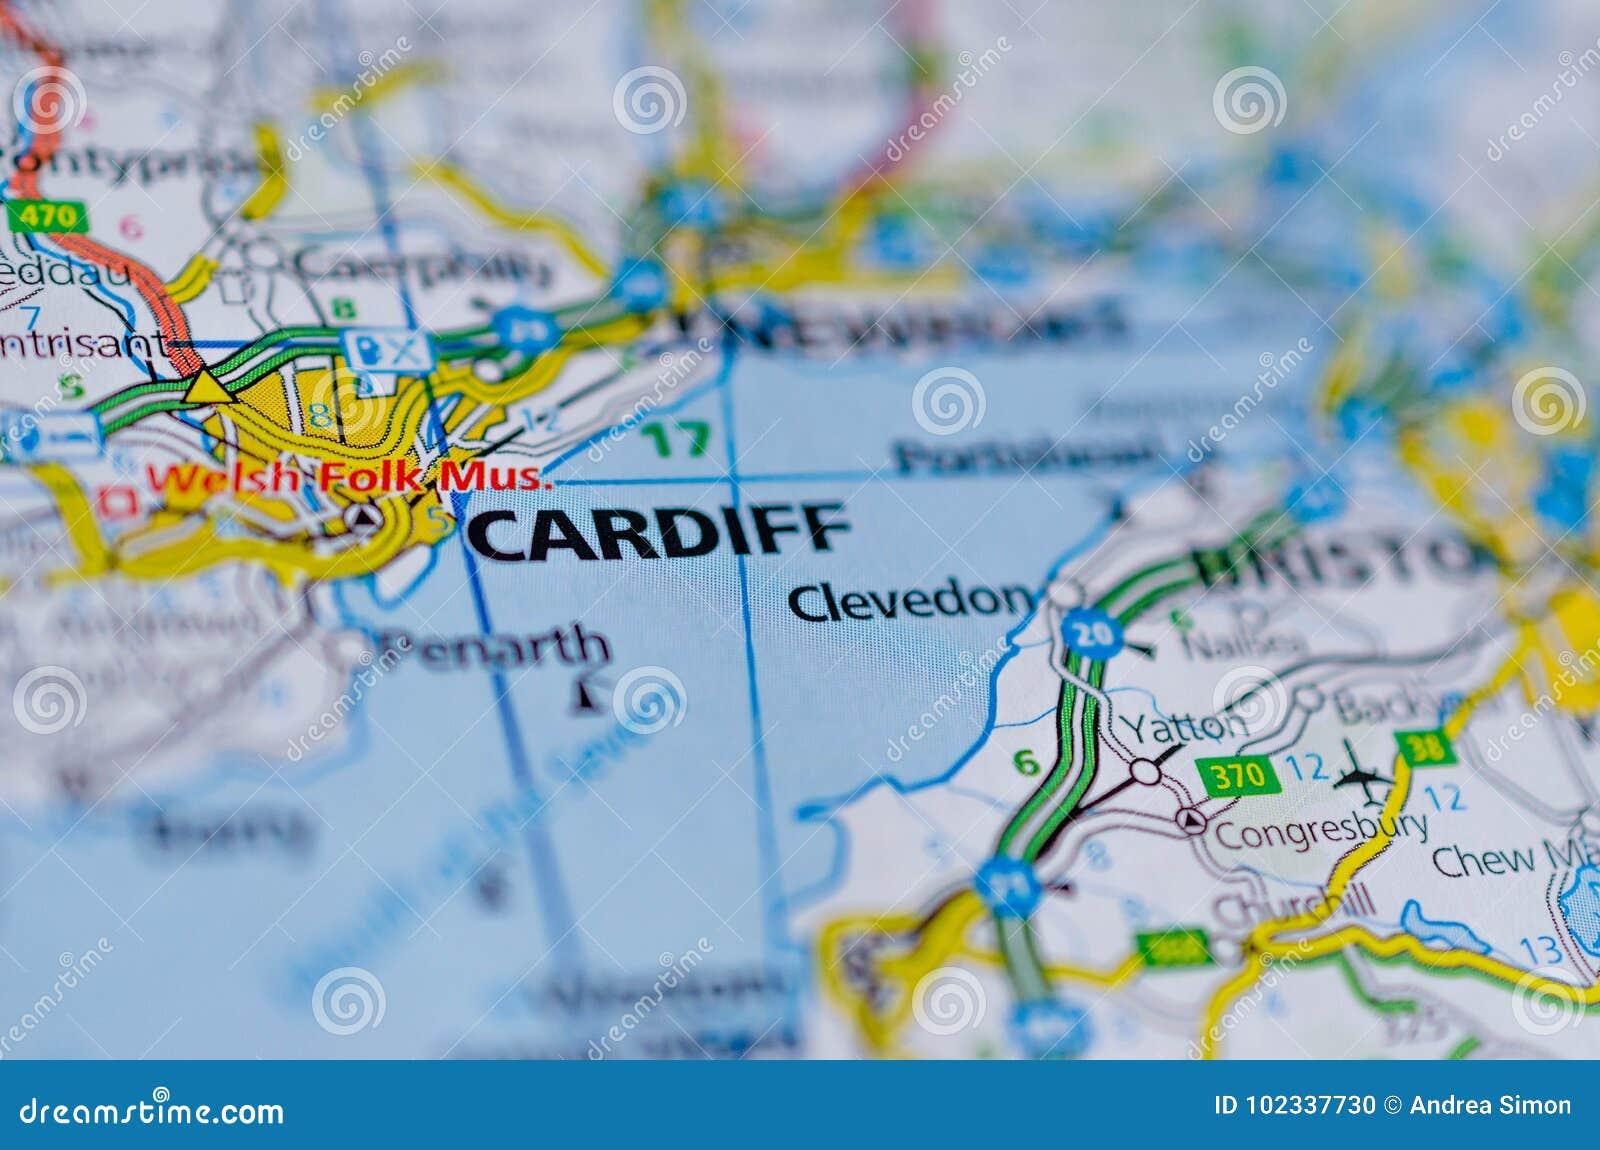 Cardiff en mapa